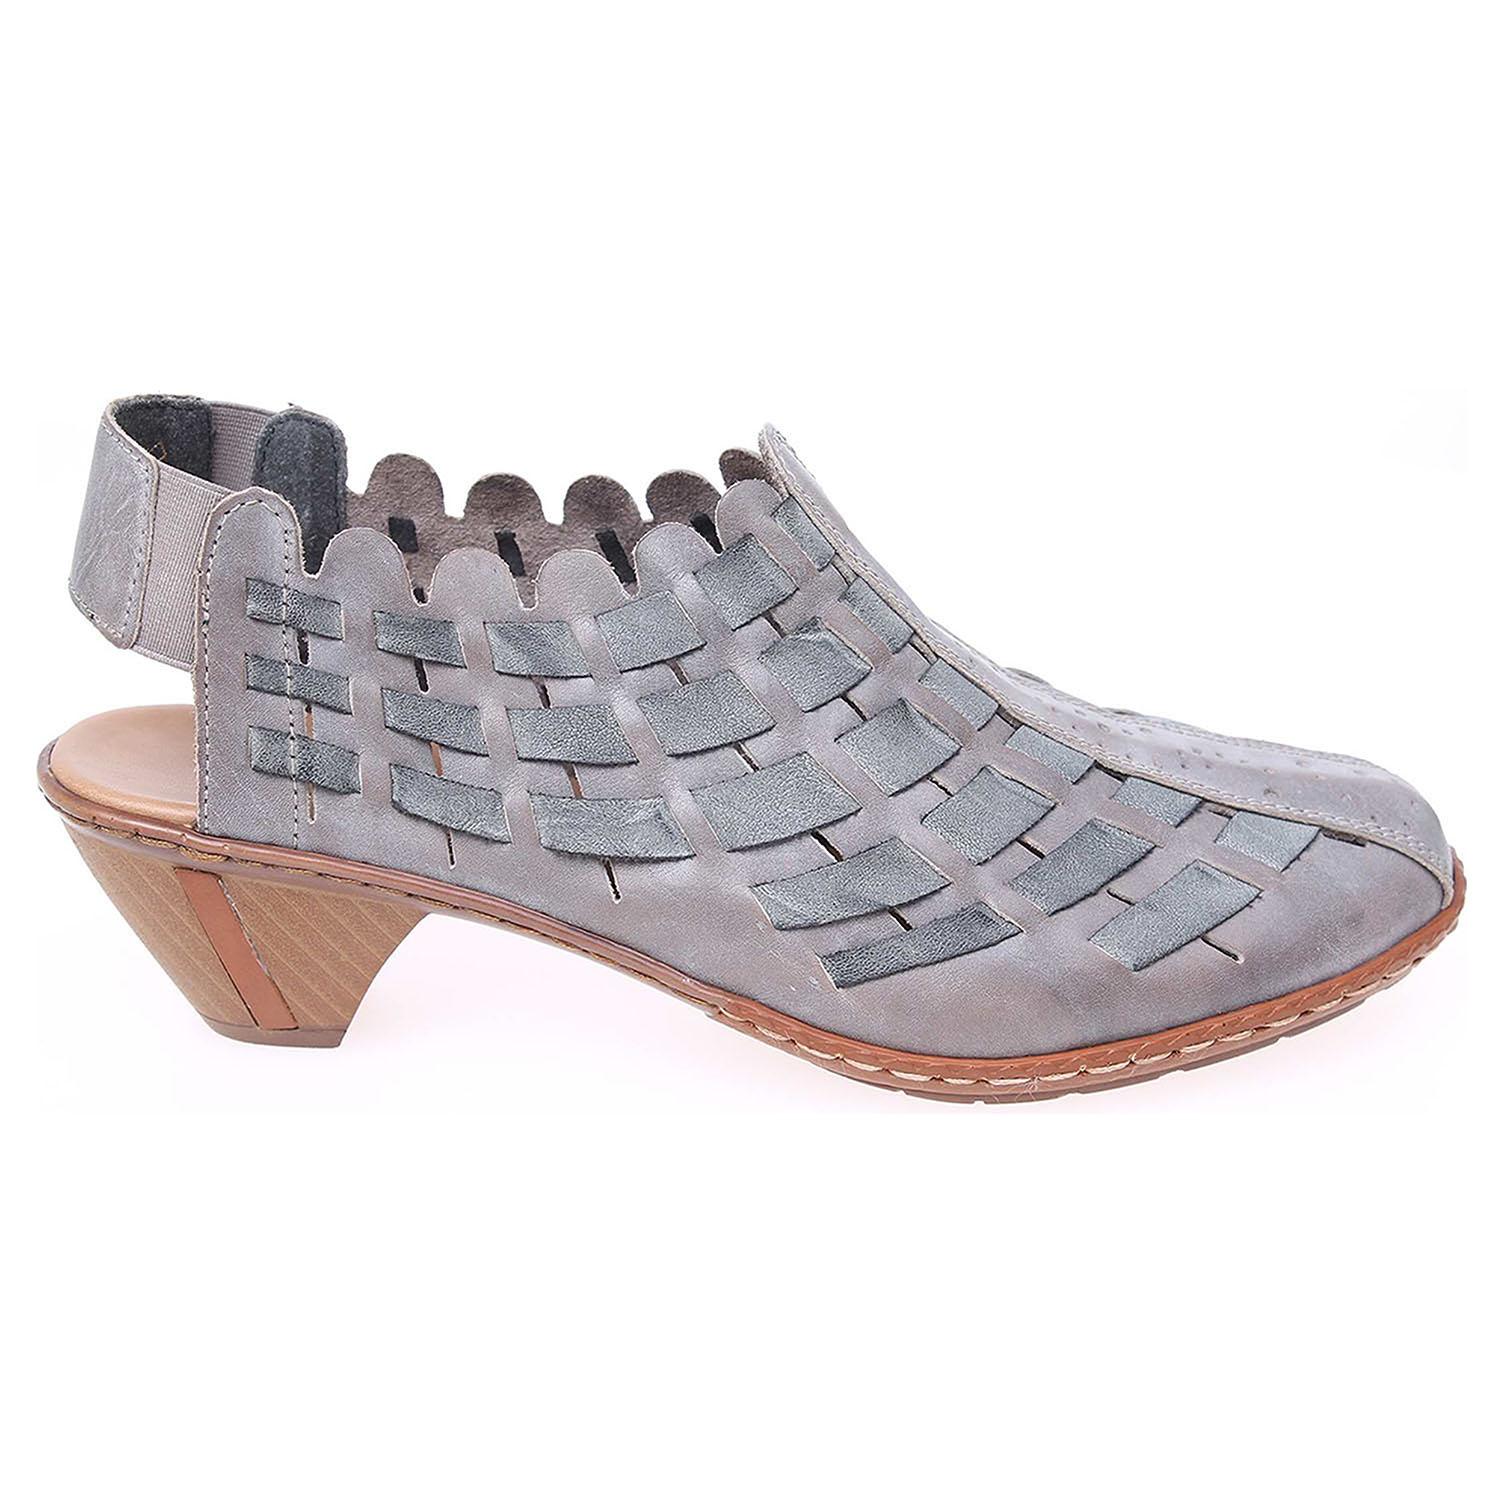 Rieker dámské sandály 46778-40 šedé 39